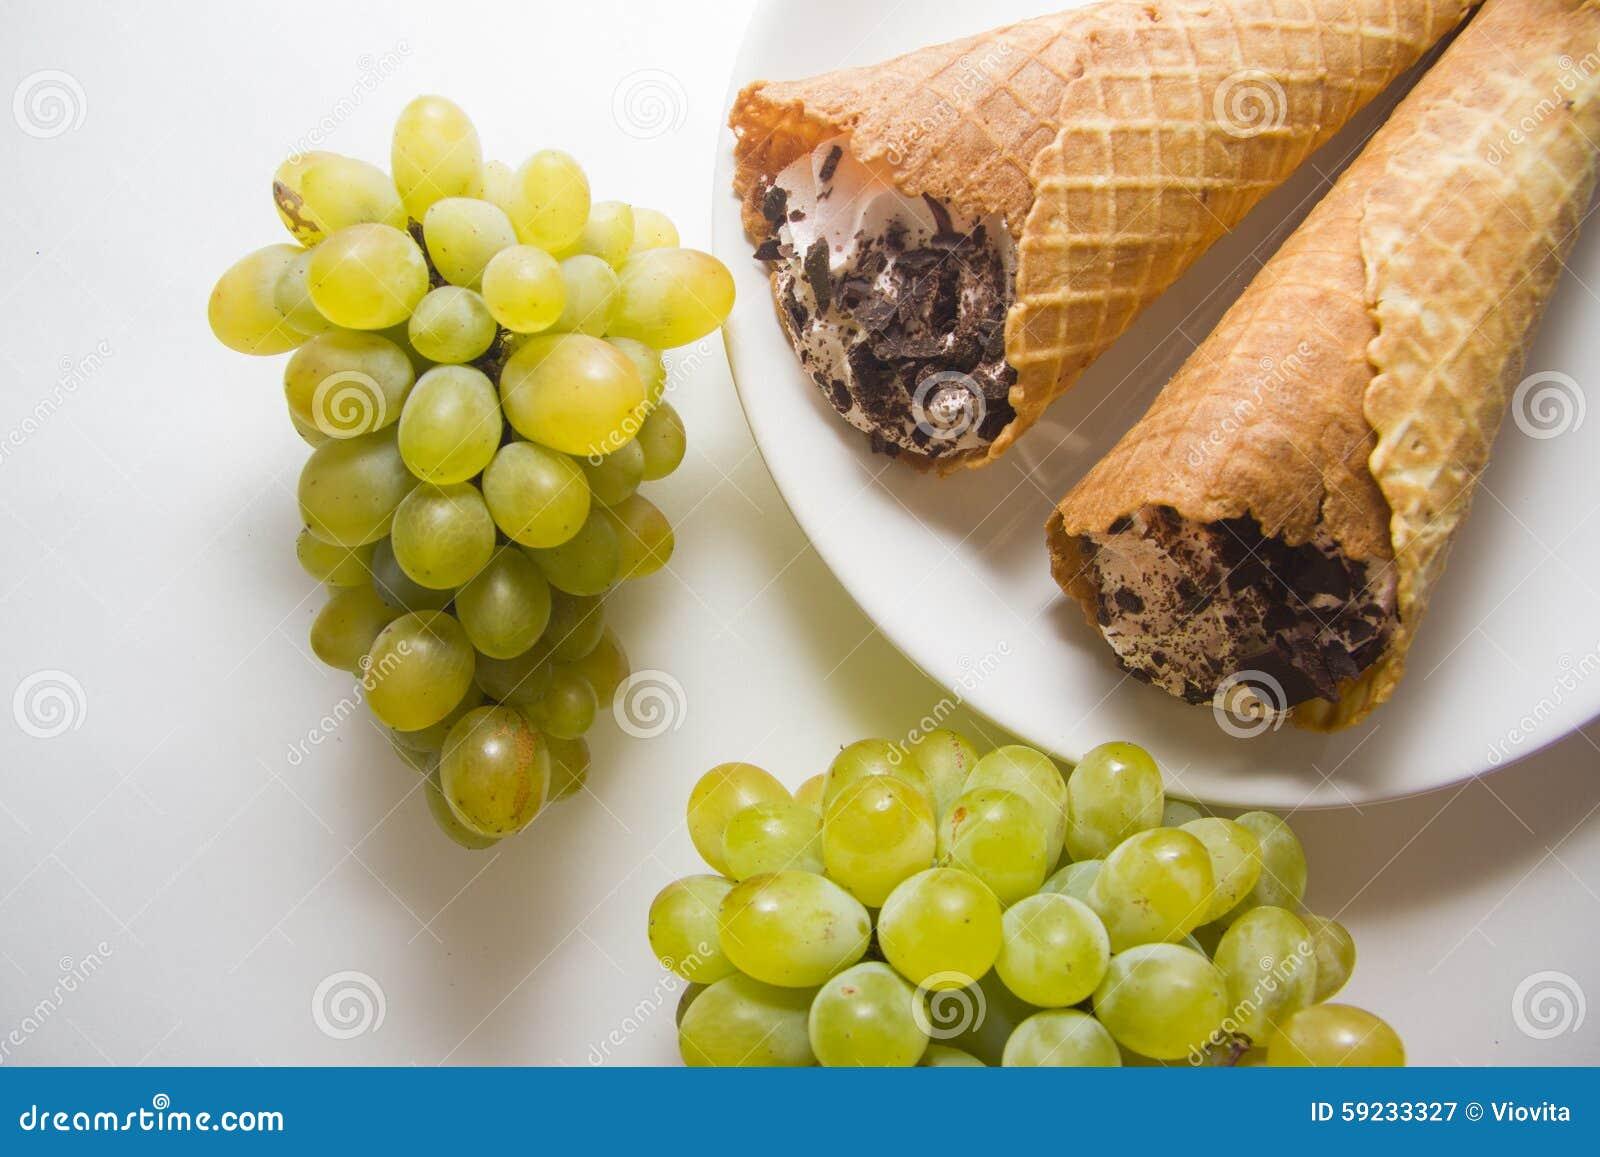 Download Galletas con las uvas imagen de archivo. Imagen de oscuro - 59233327